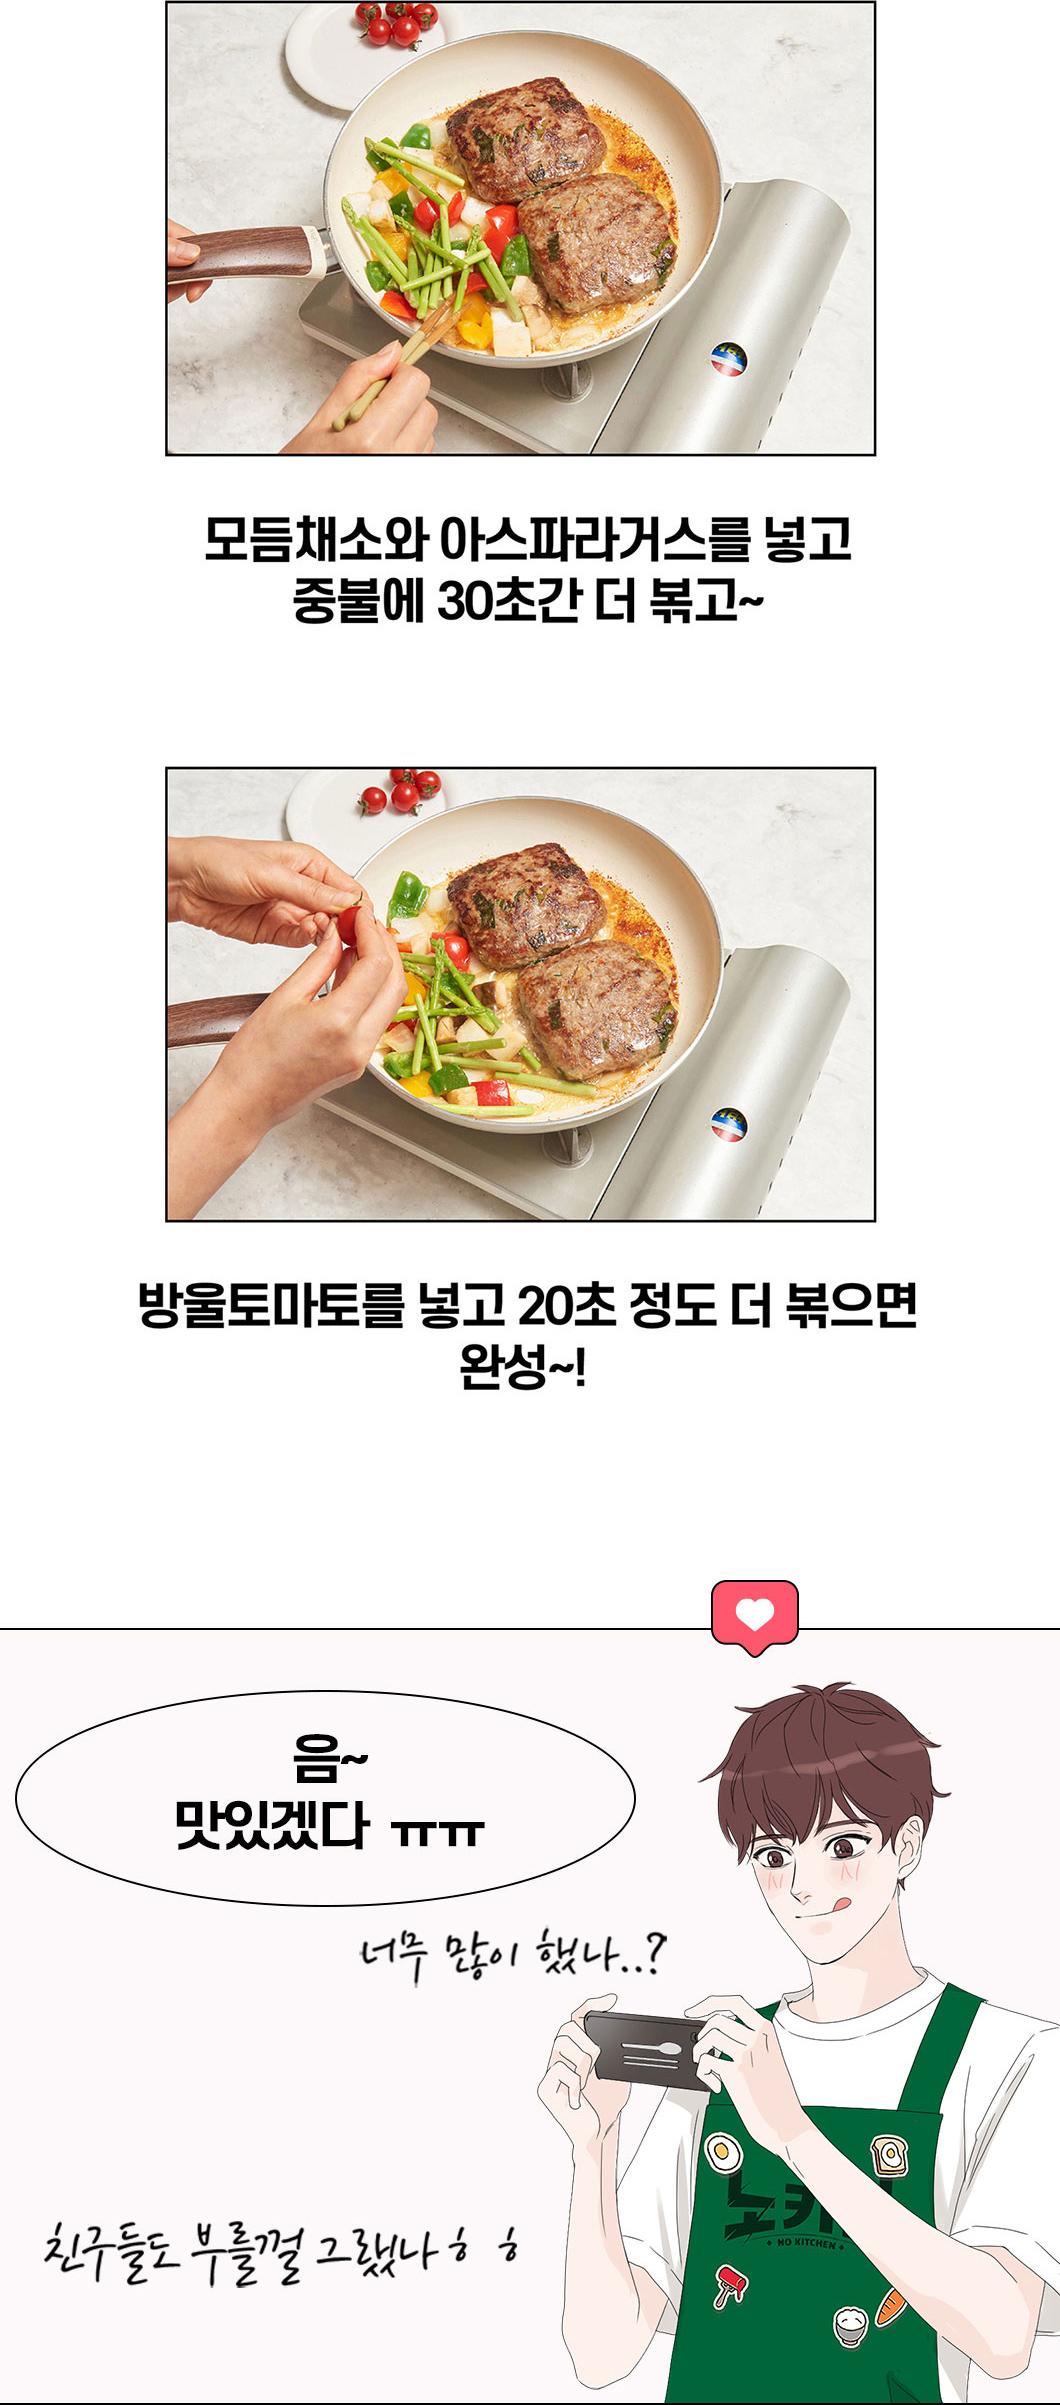 떡갈비_하단1060_03.jpg